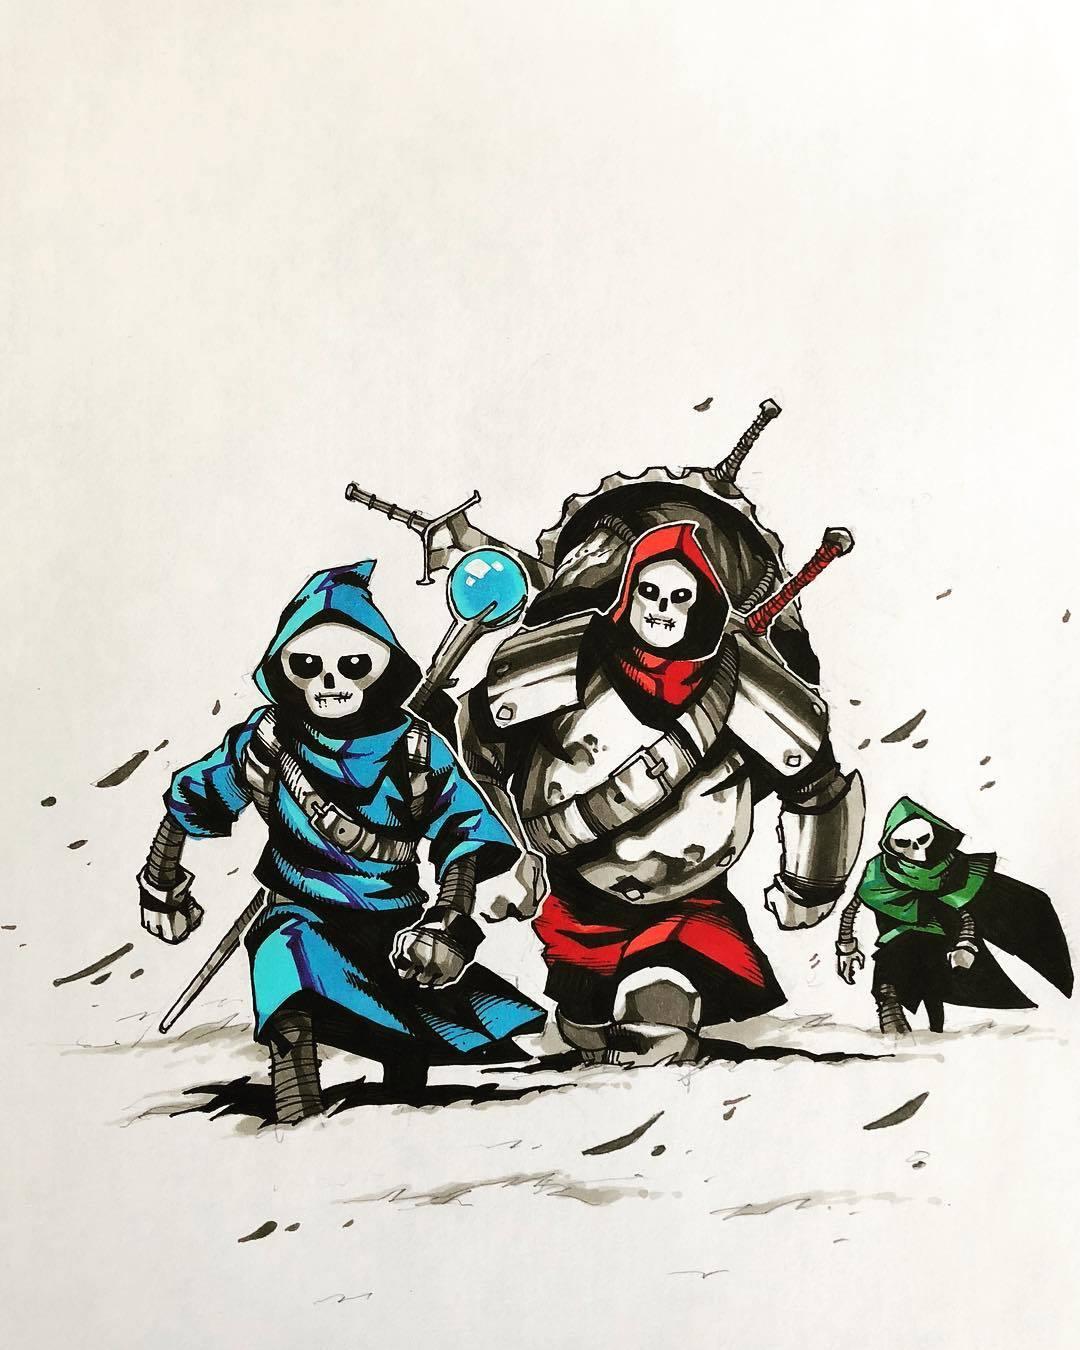 Похитители мечей. - Изображение 19